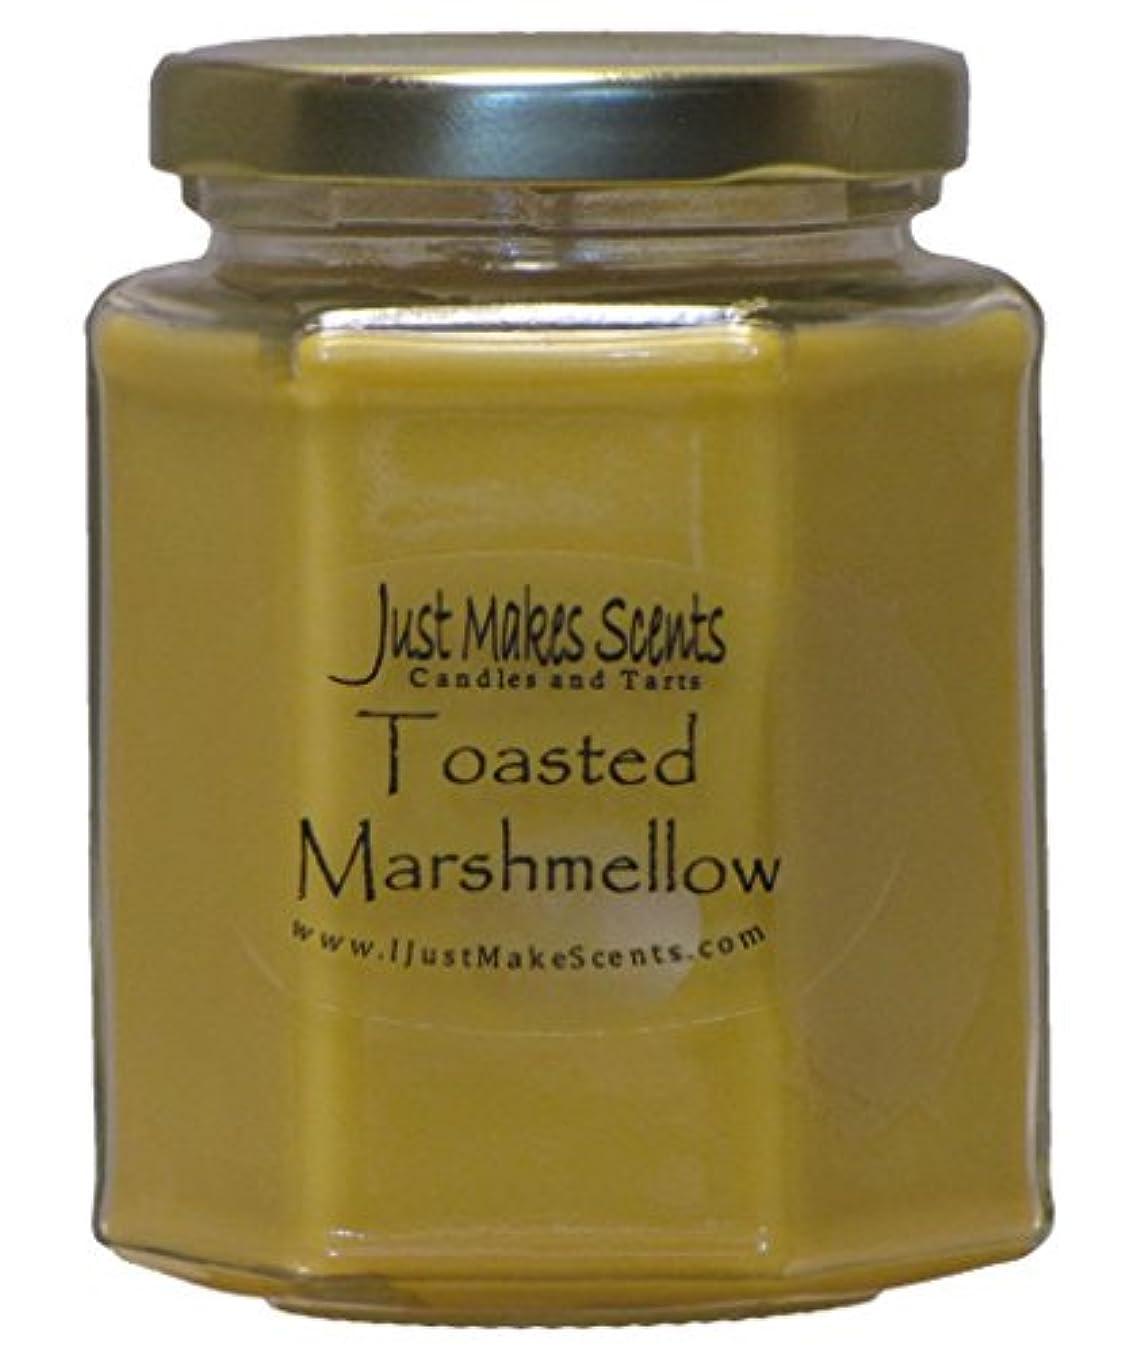 かご故意に分離Toasted Marshmallow香りつきBlended Soy Candle by Just Makes Scents